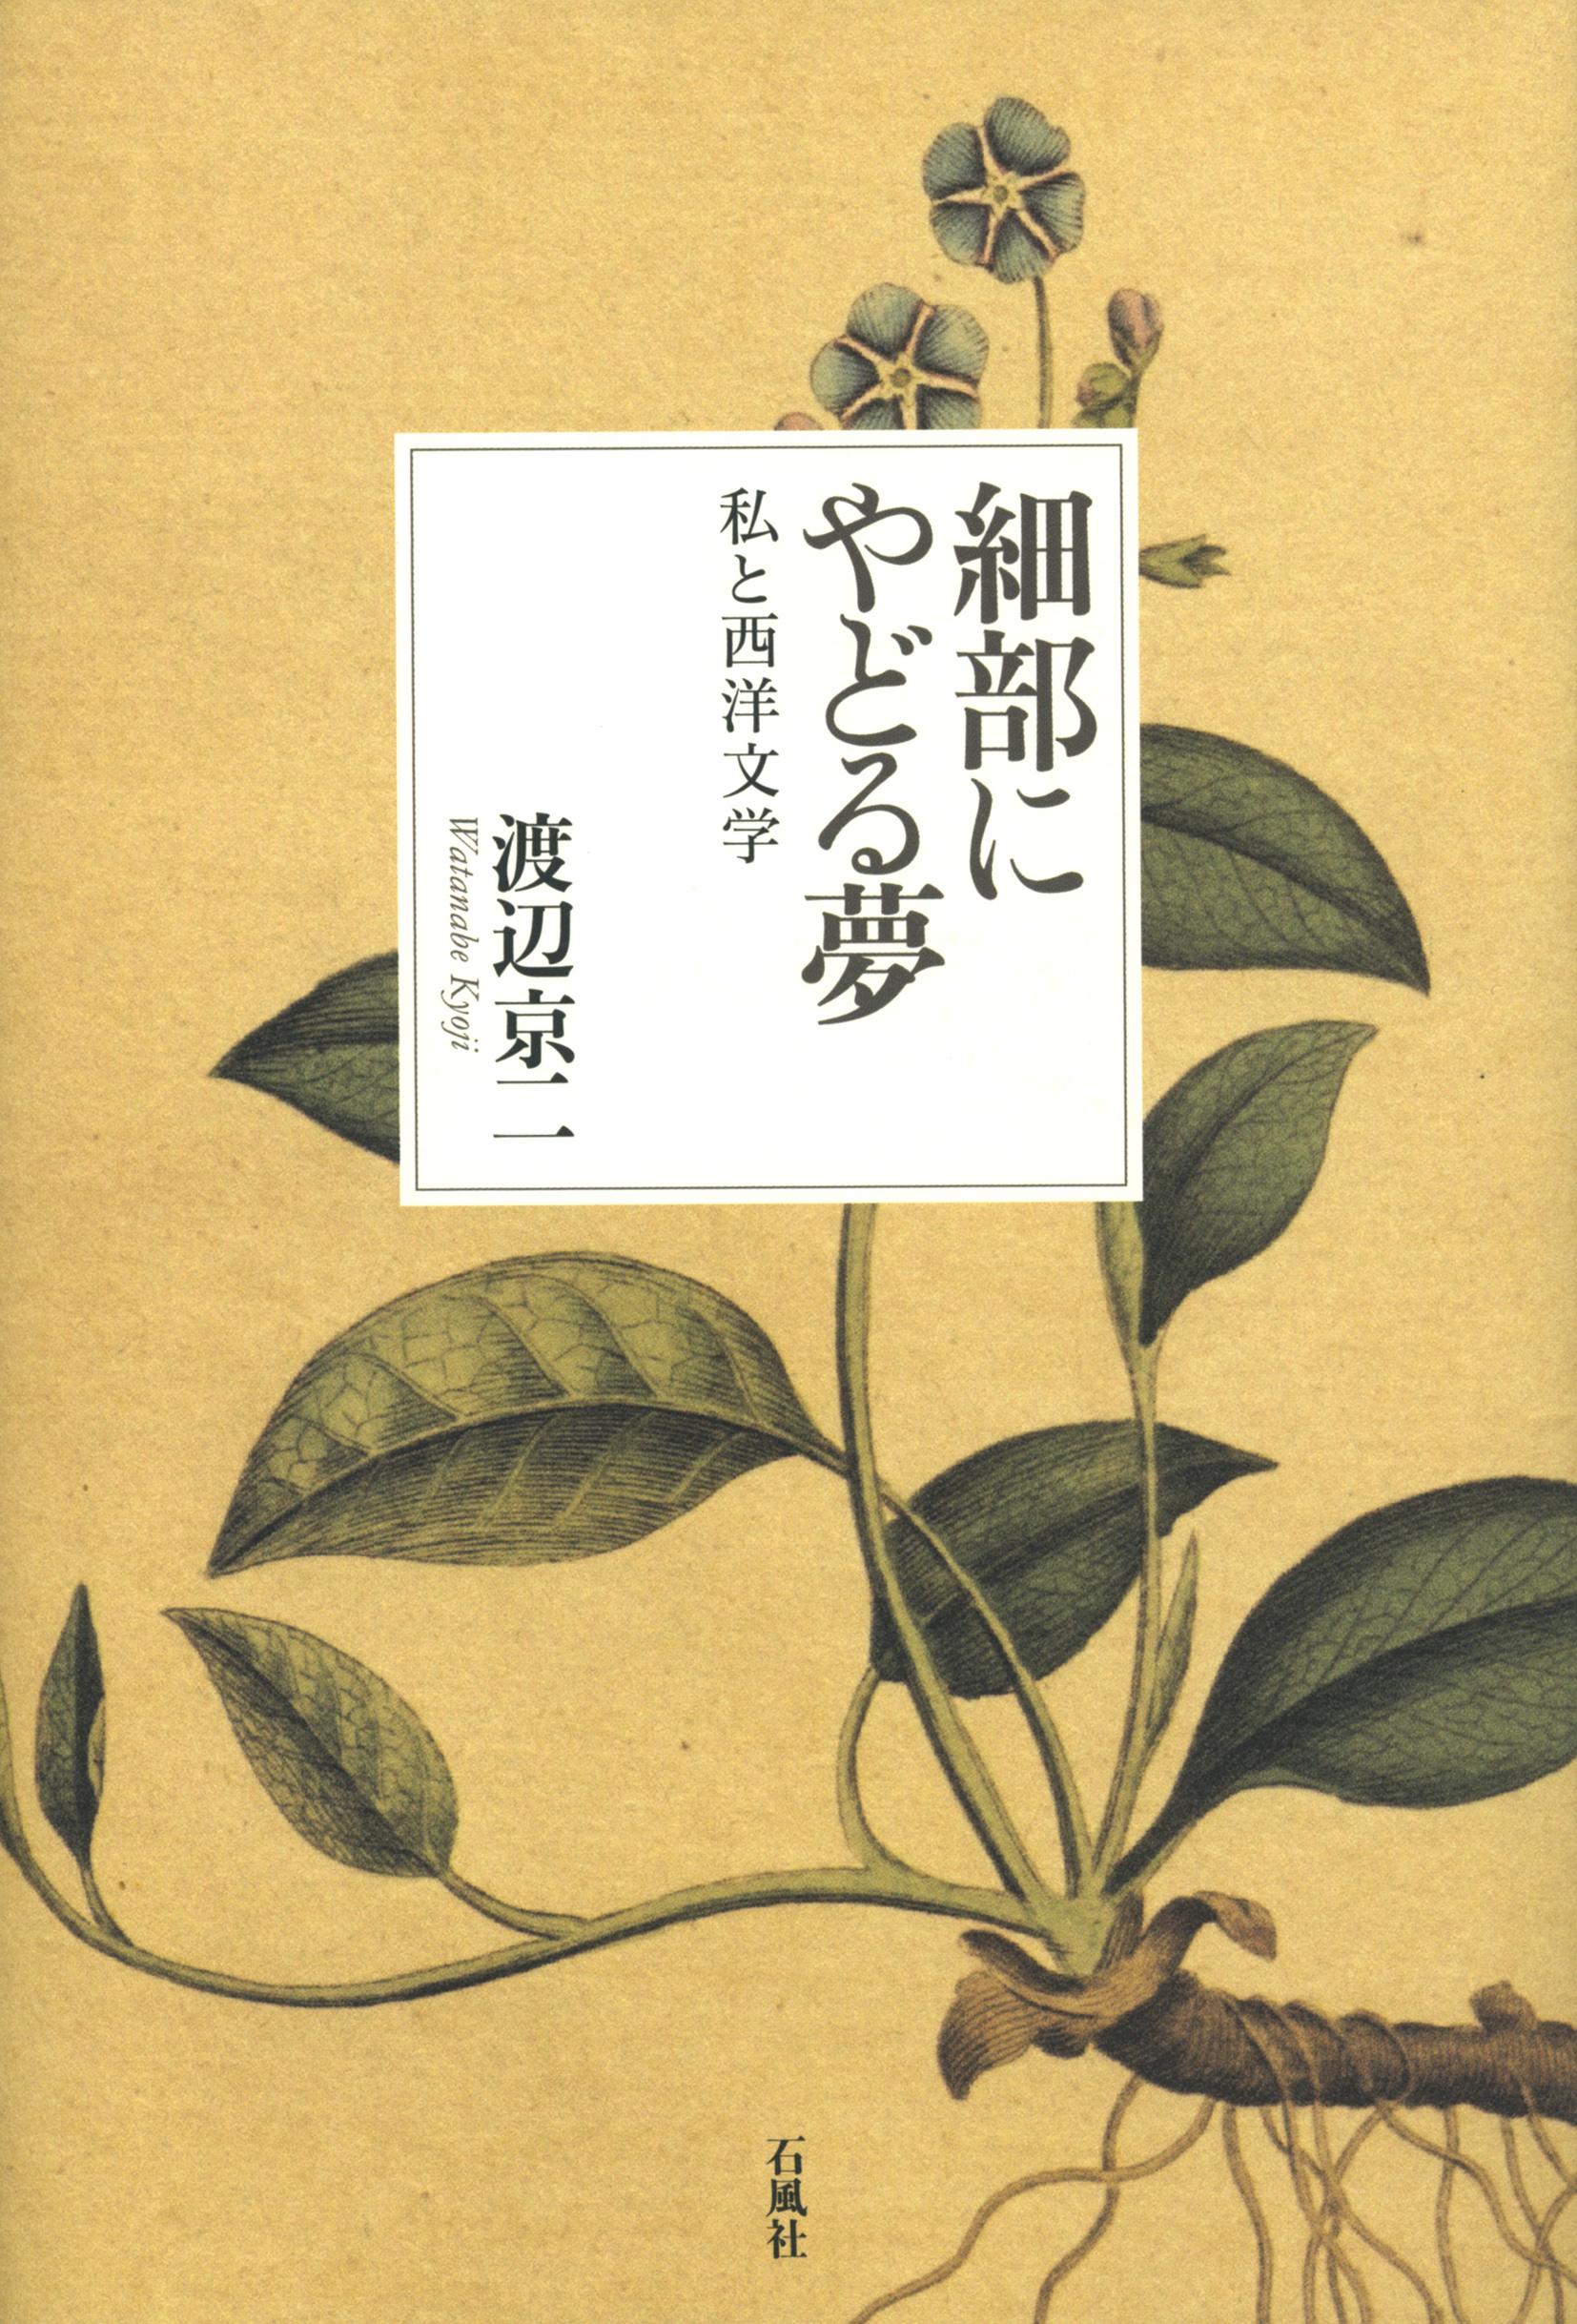 細部にやどる夢 渡辺京二 石風社 私と西洋文学 西洋文学 歴史 文芸 批評